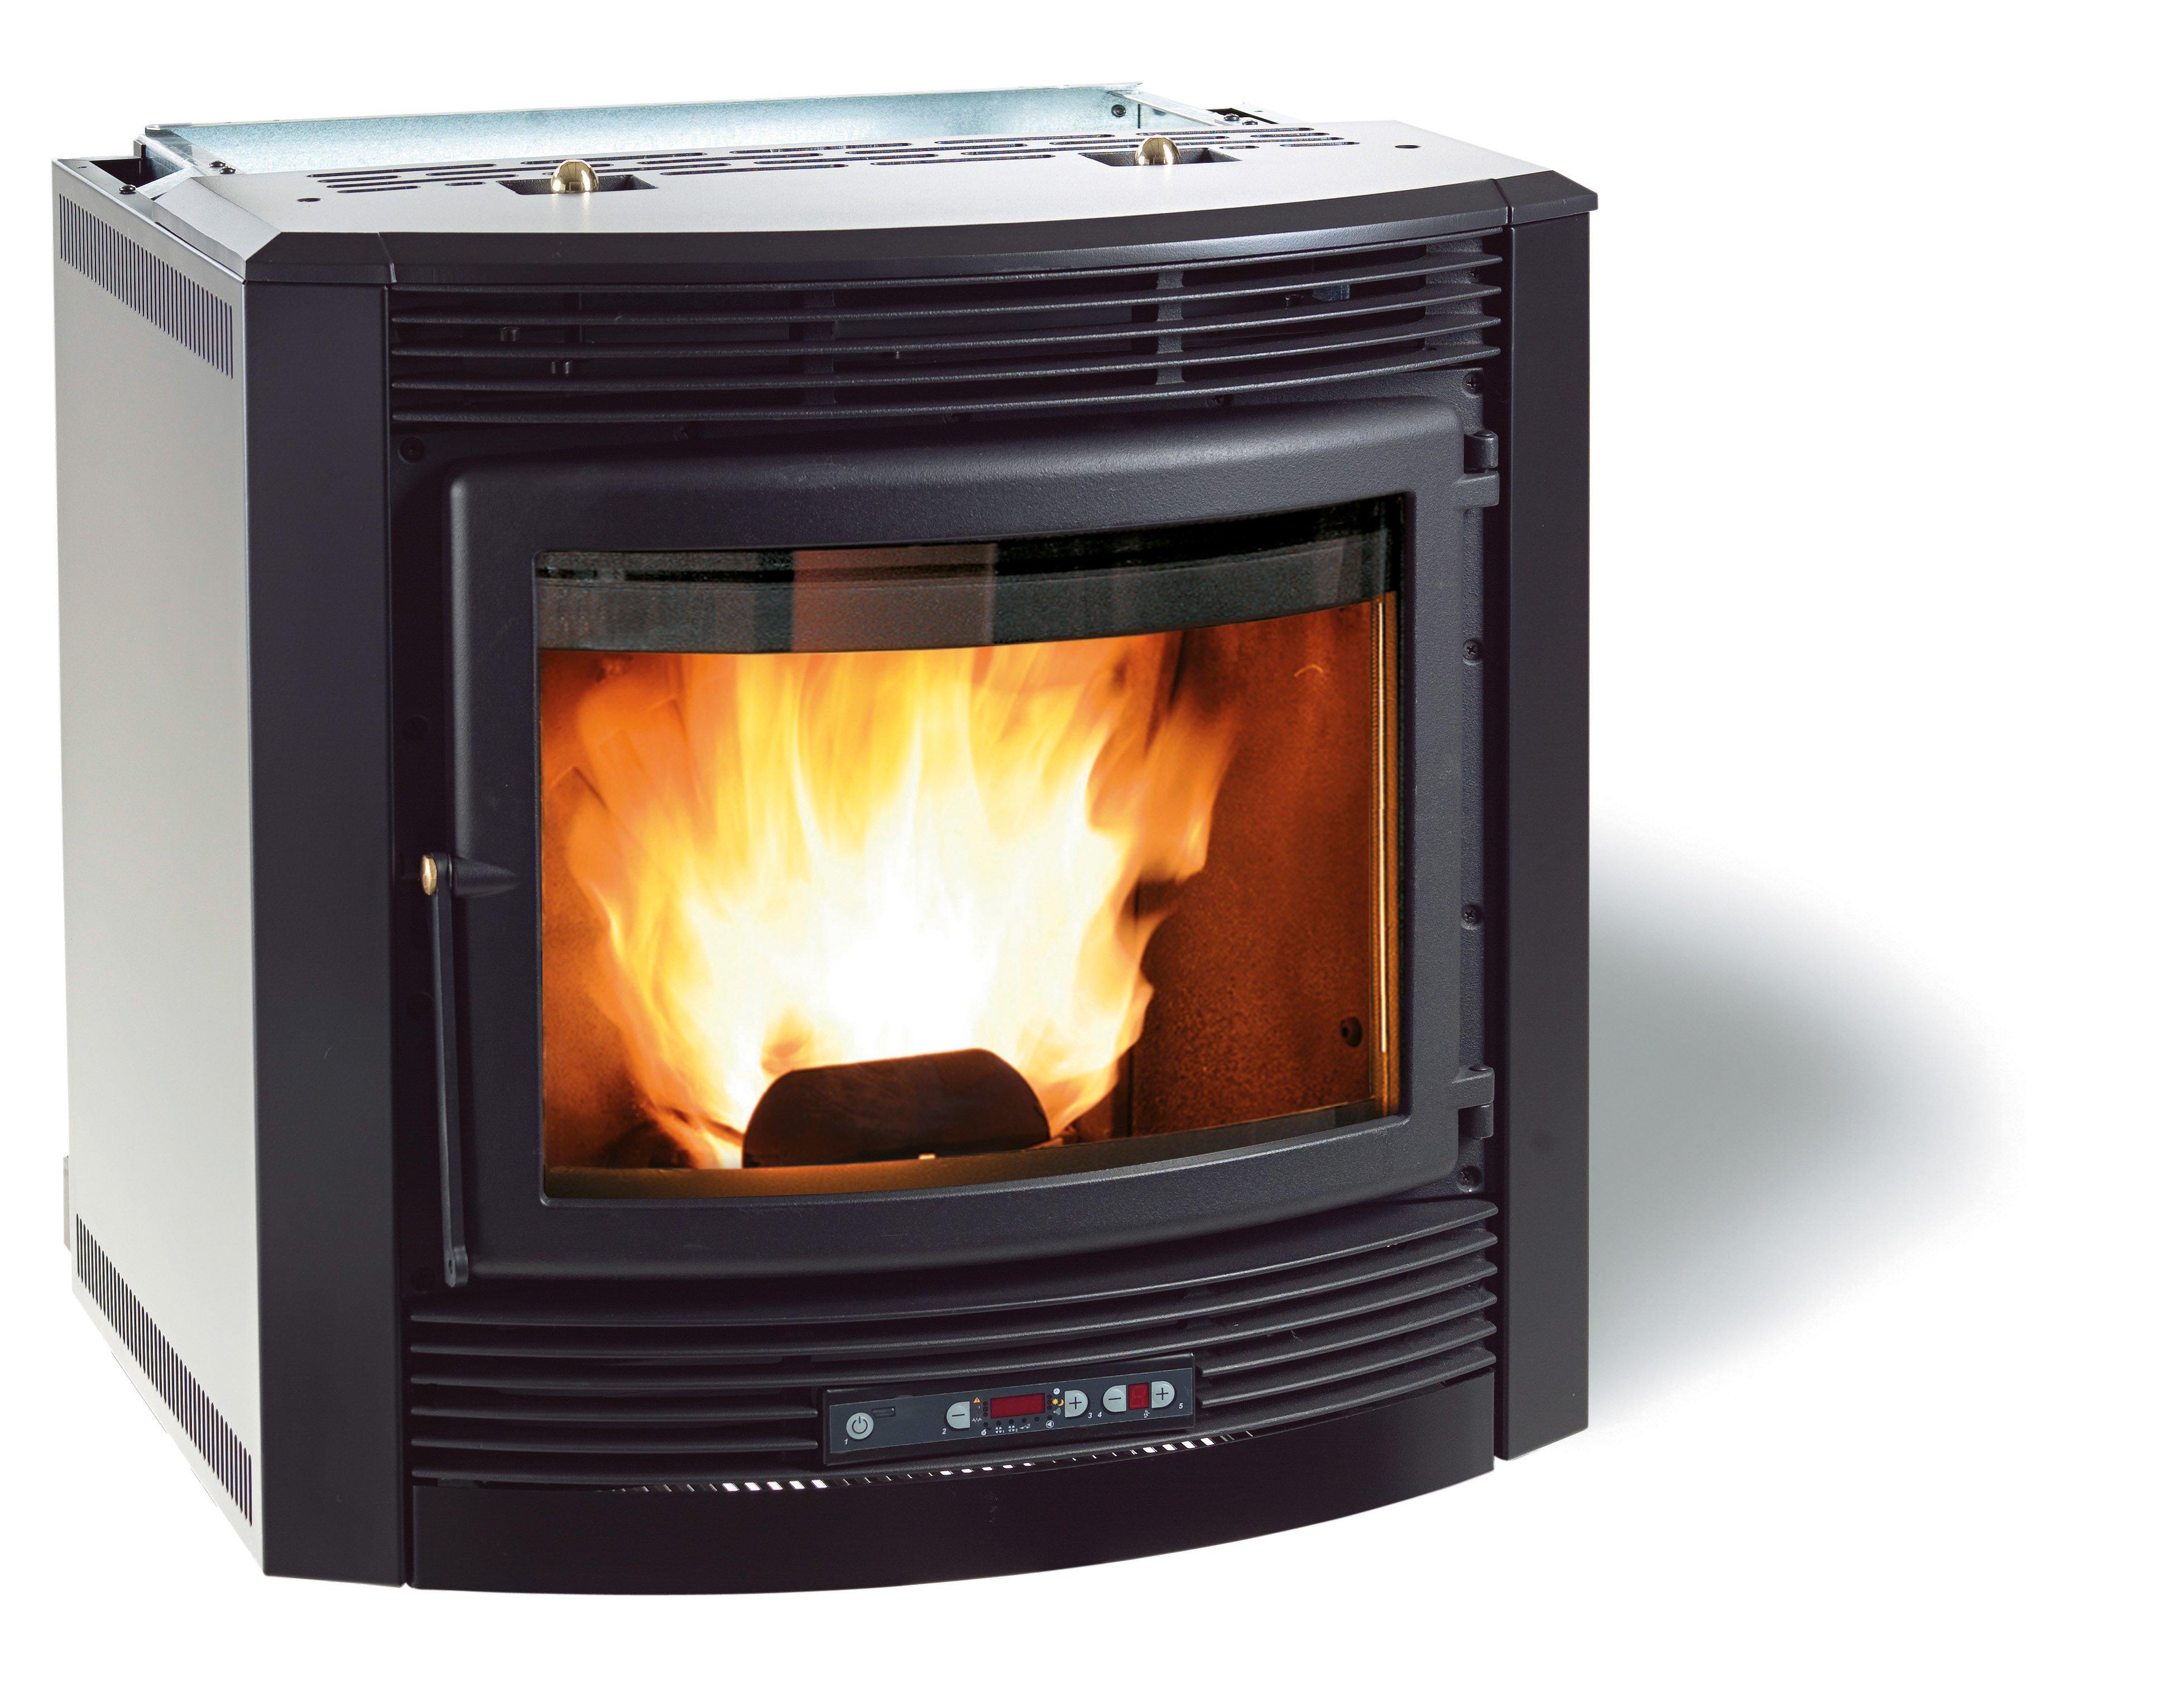 Termocamini per riscaldare cose di casa - Stufe a pellet termosifoni ...